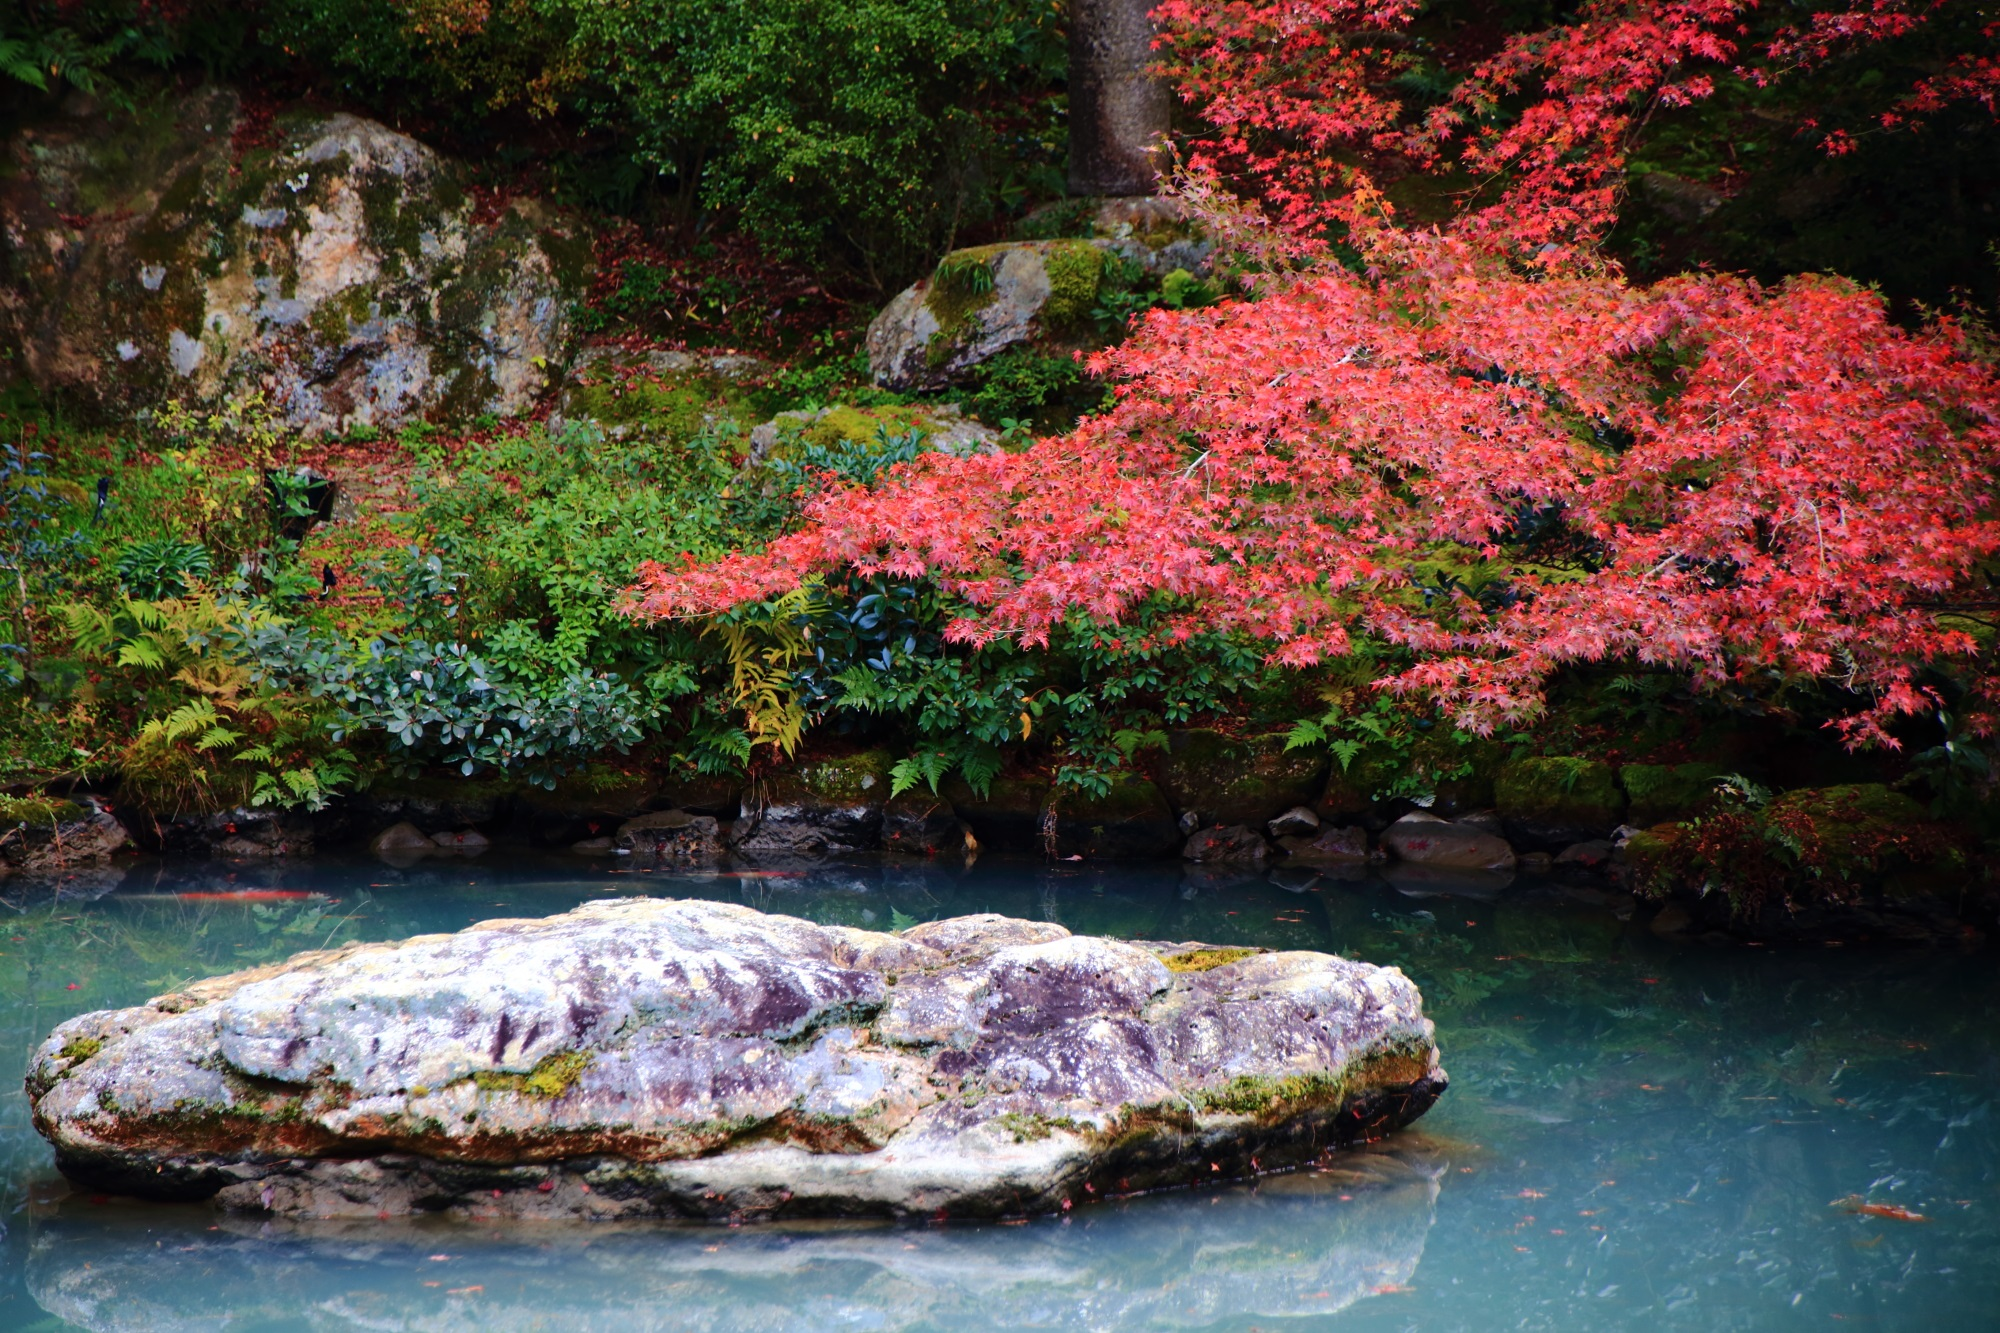 もみじの名所の青蓮院の龍心池の見ごろの紅葉